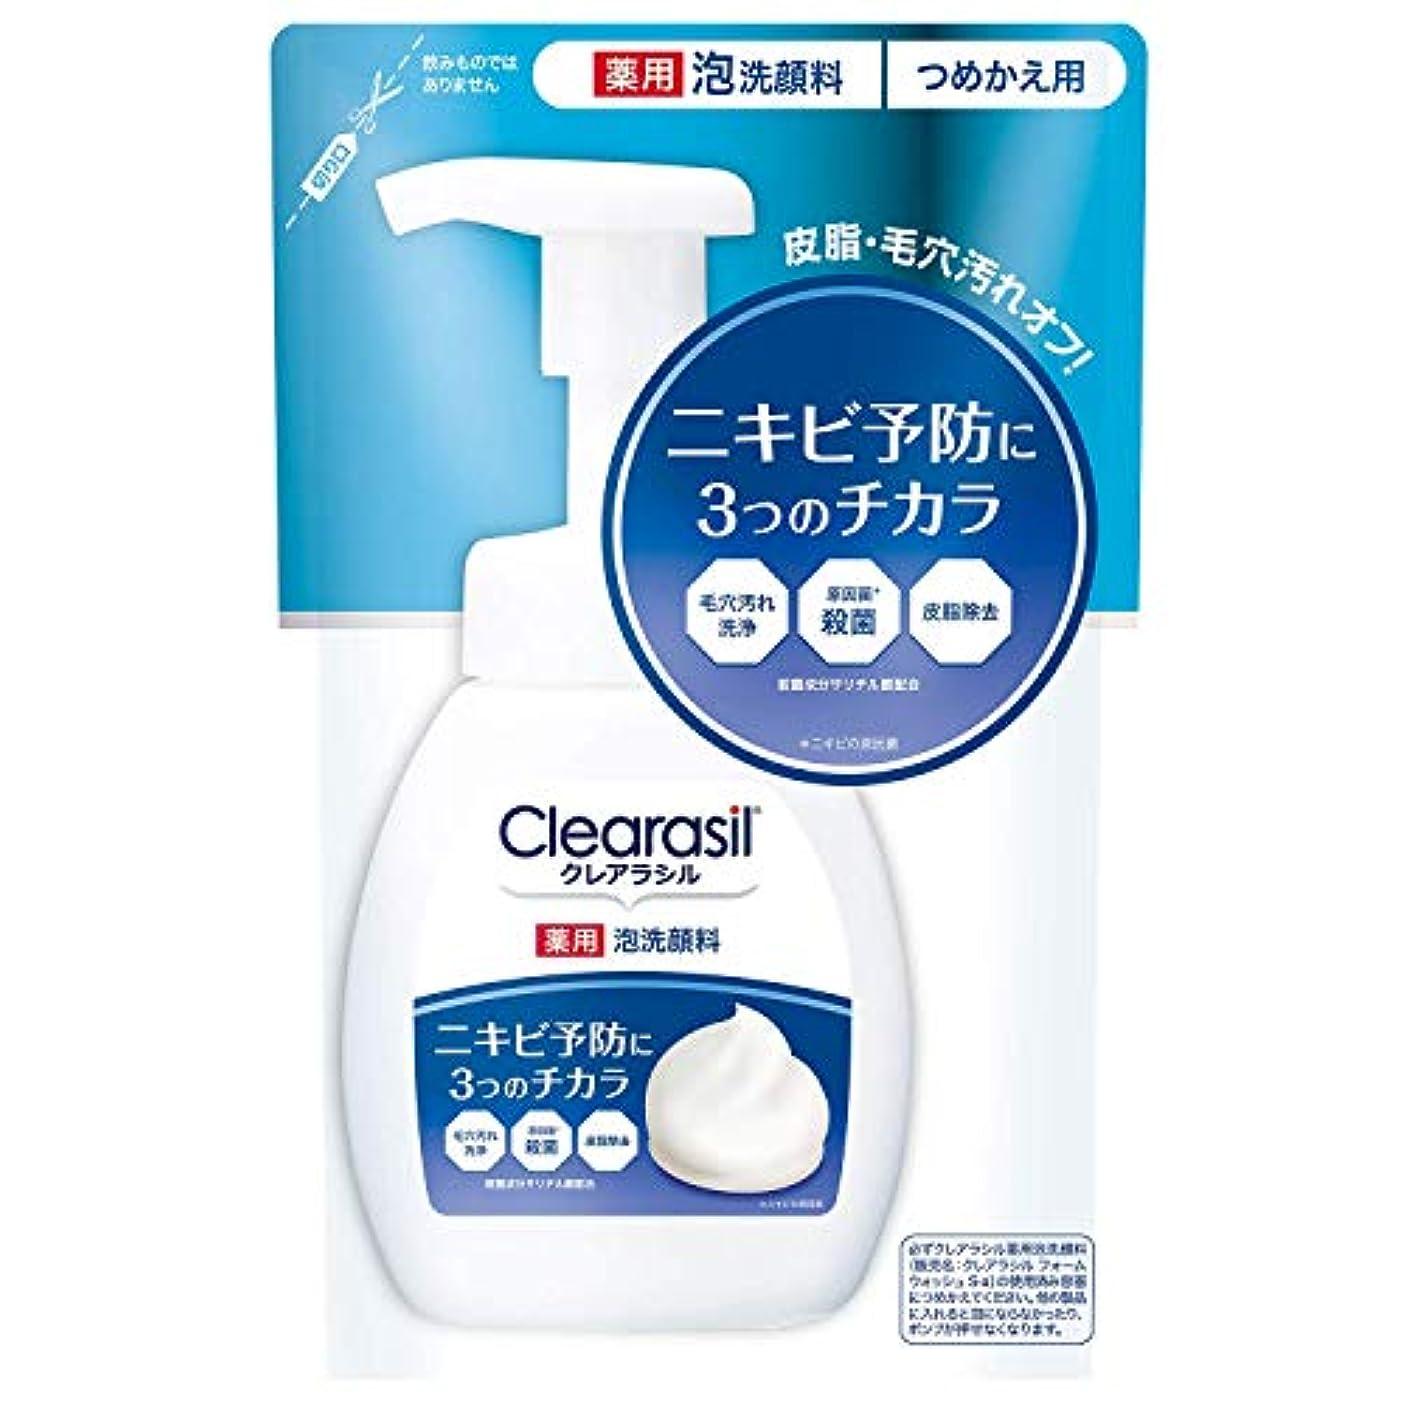 気楽な課税クリエイティブクレアラシル 薬用泡洗顔フォーム10X 180ml ×2セット